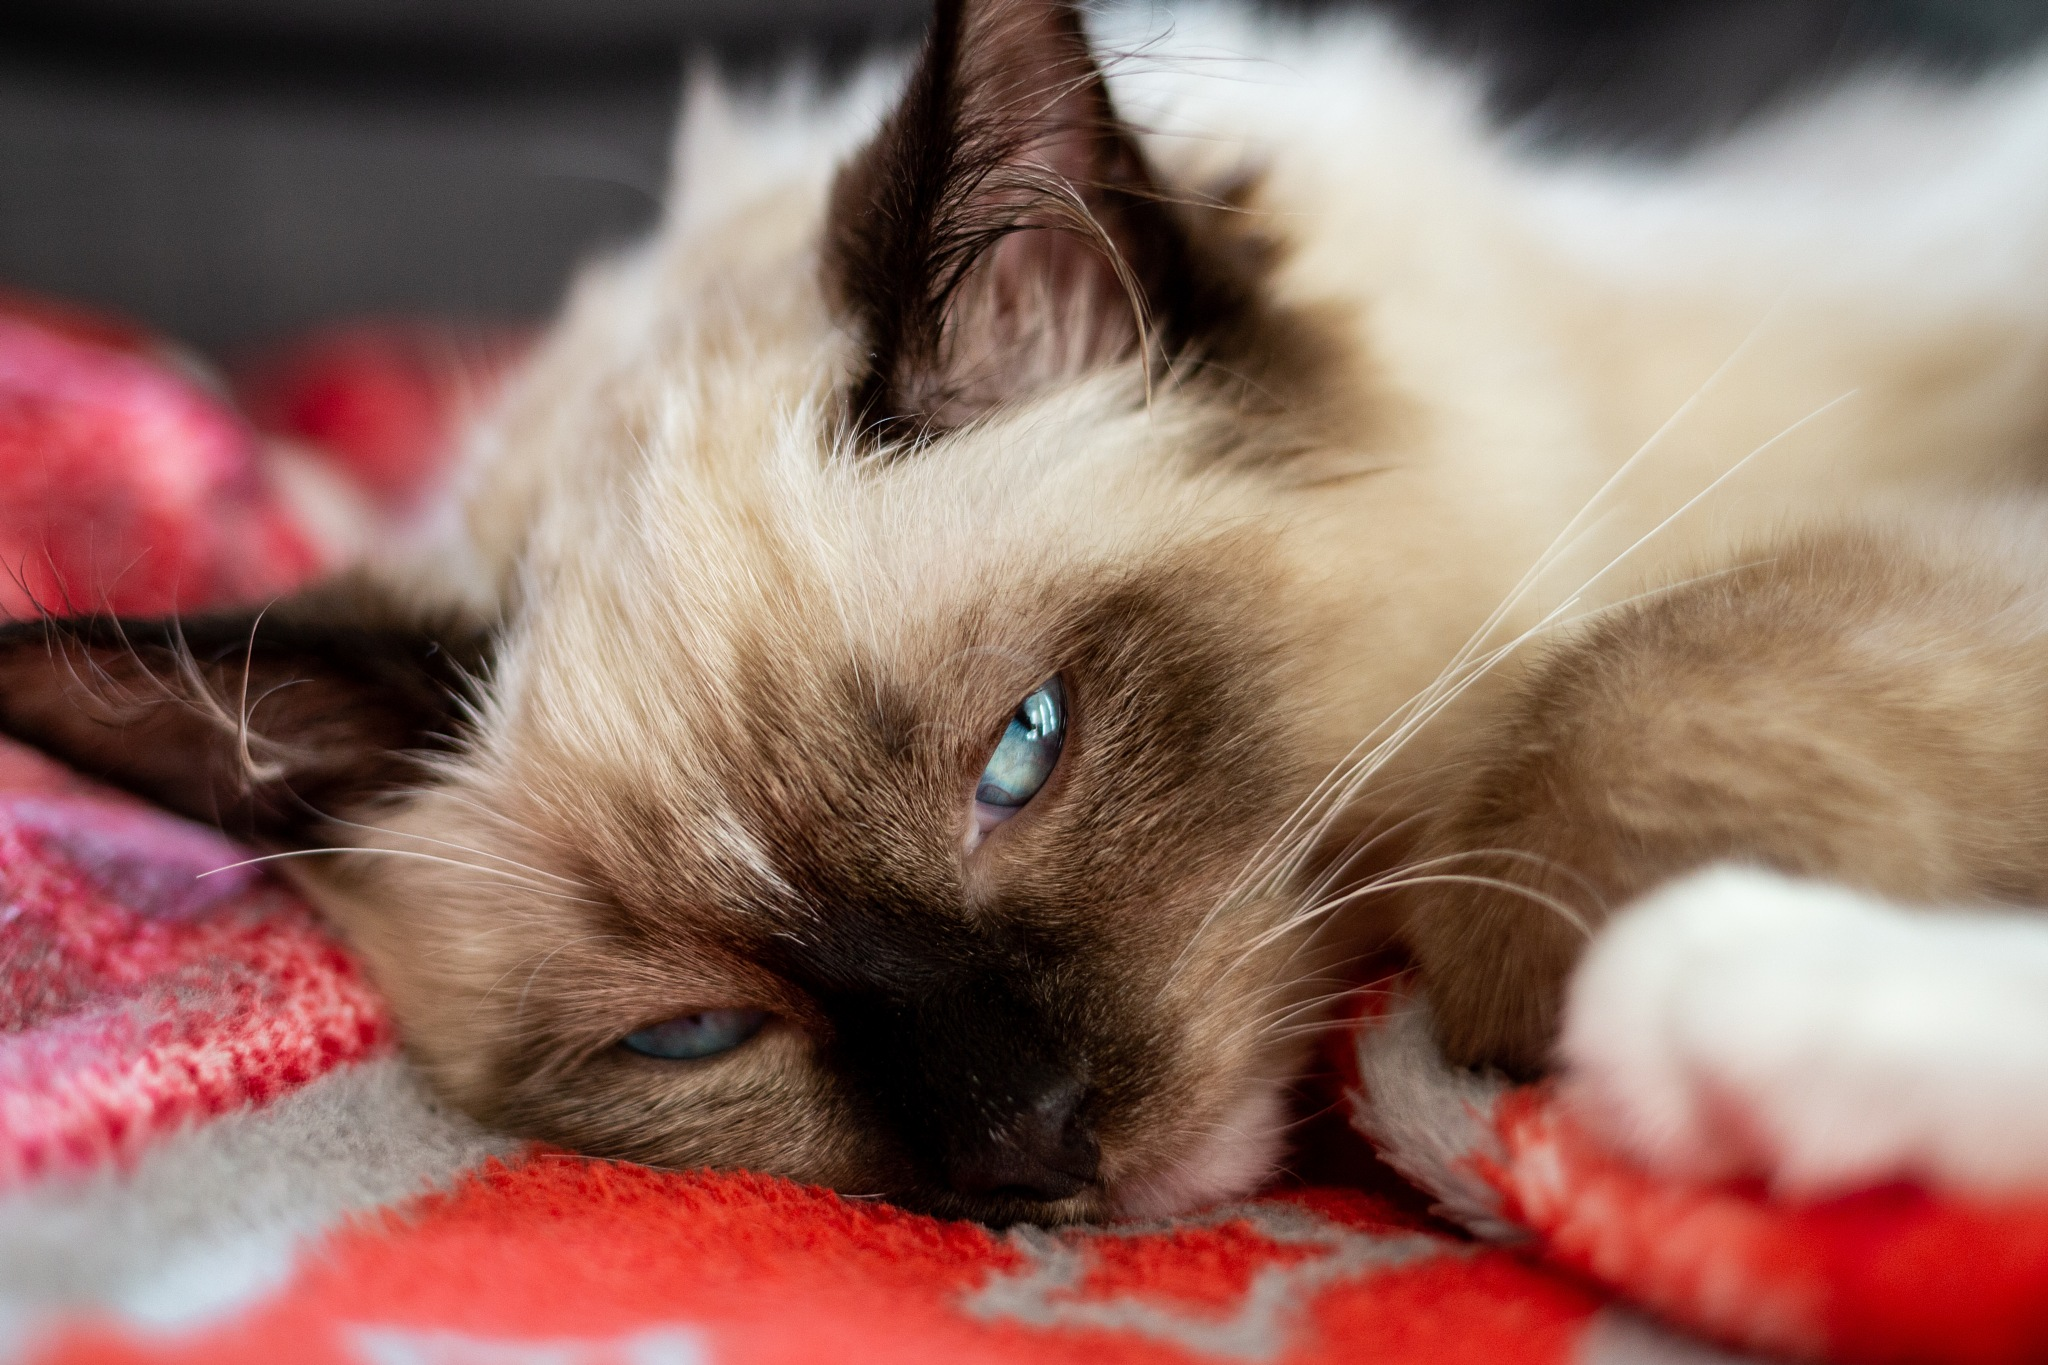 sleepy kitten by nathalie